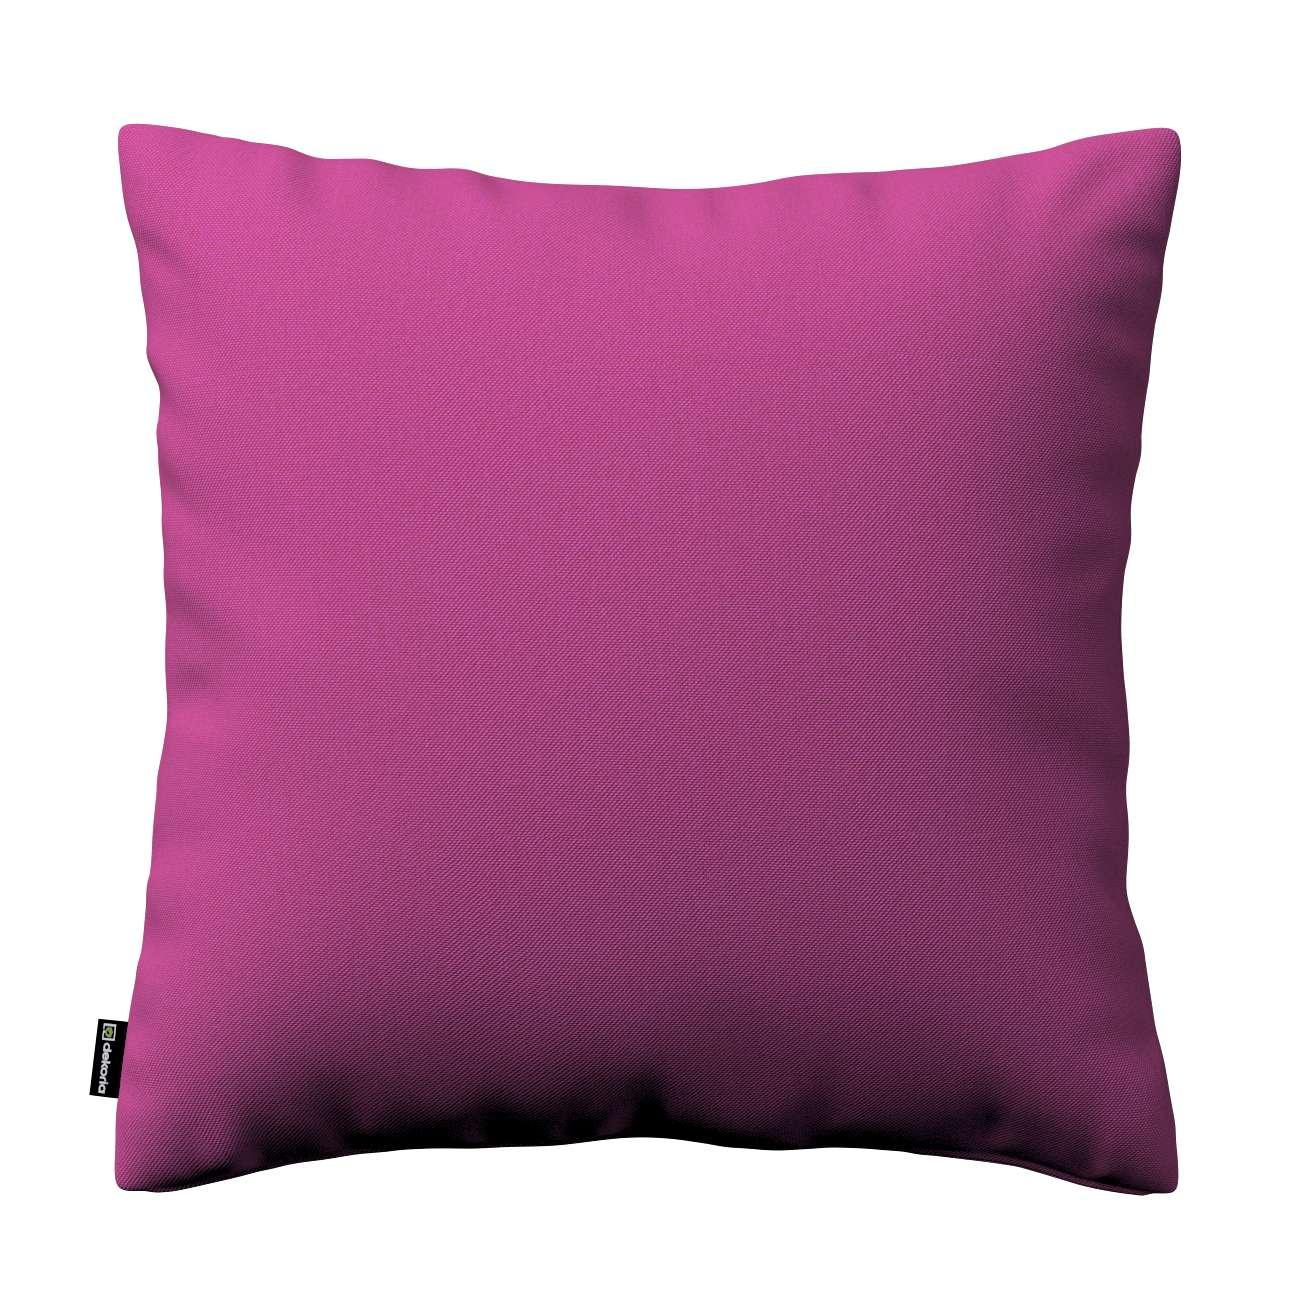 Kinga dekoratyvinės pagalvėlės užvalkalas 43 x 43 cm kolekcijoje Etna , audinys: 705-23